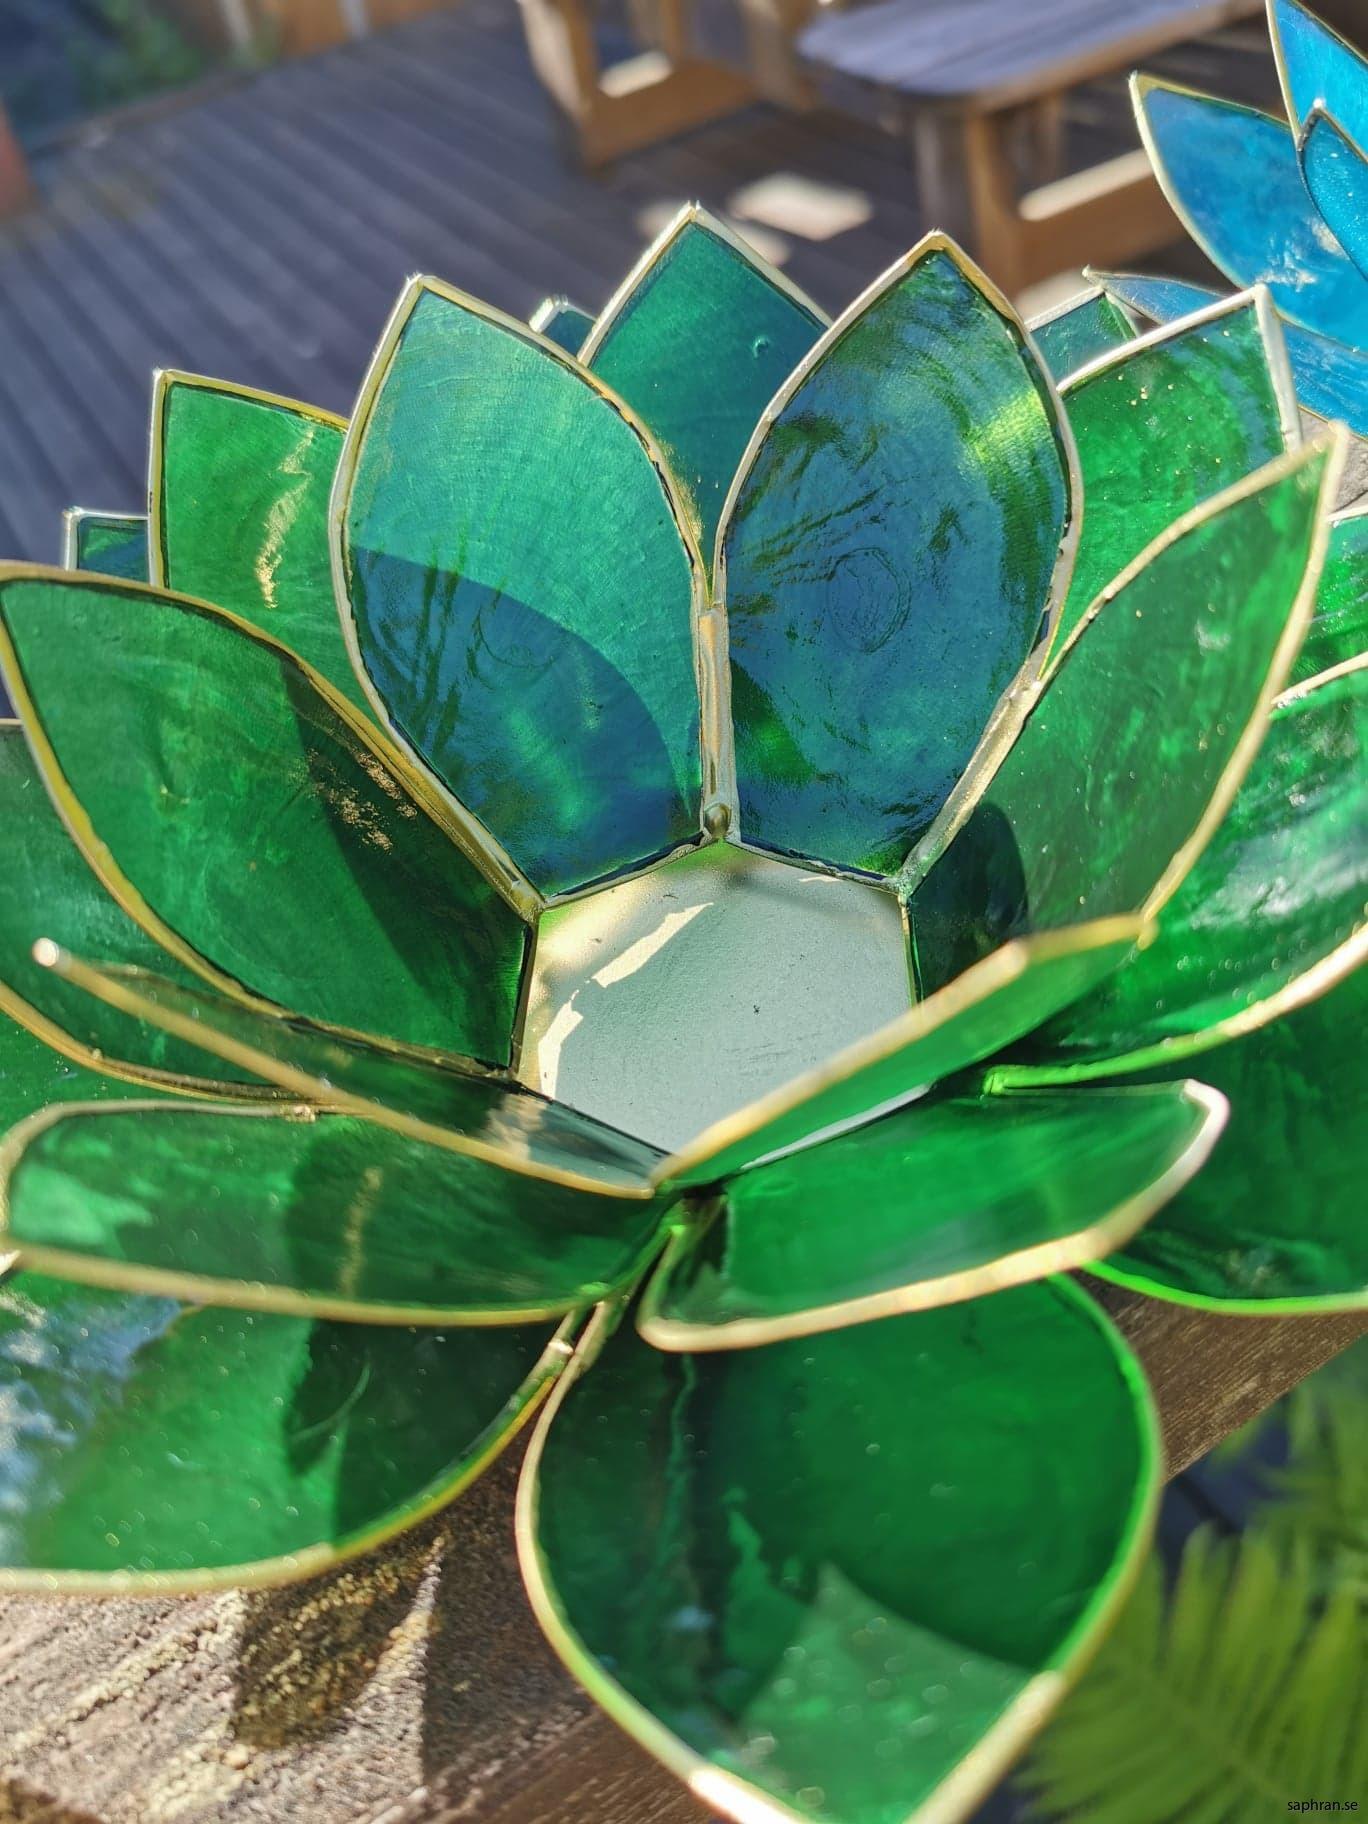 Lotuslykta chakra grön